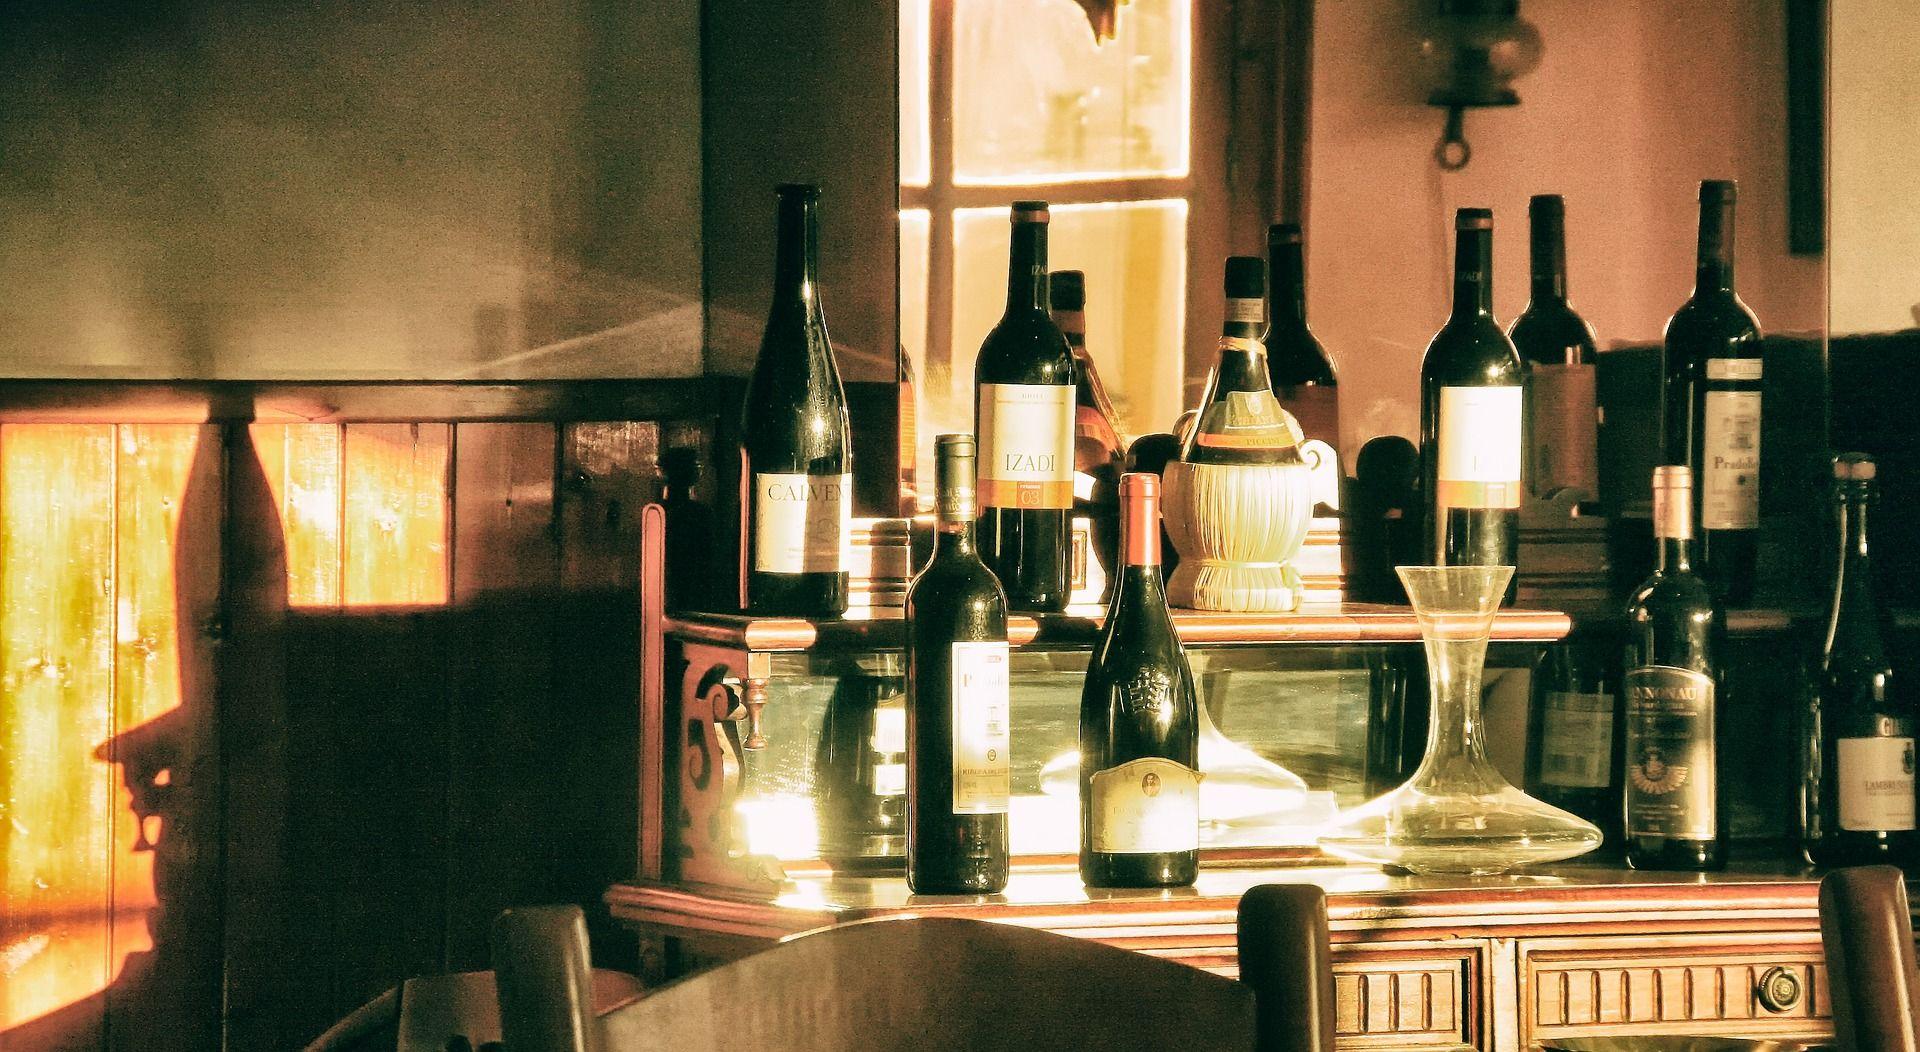 Wine bottles; WSET Level 1 exam